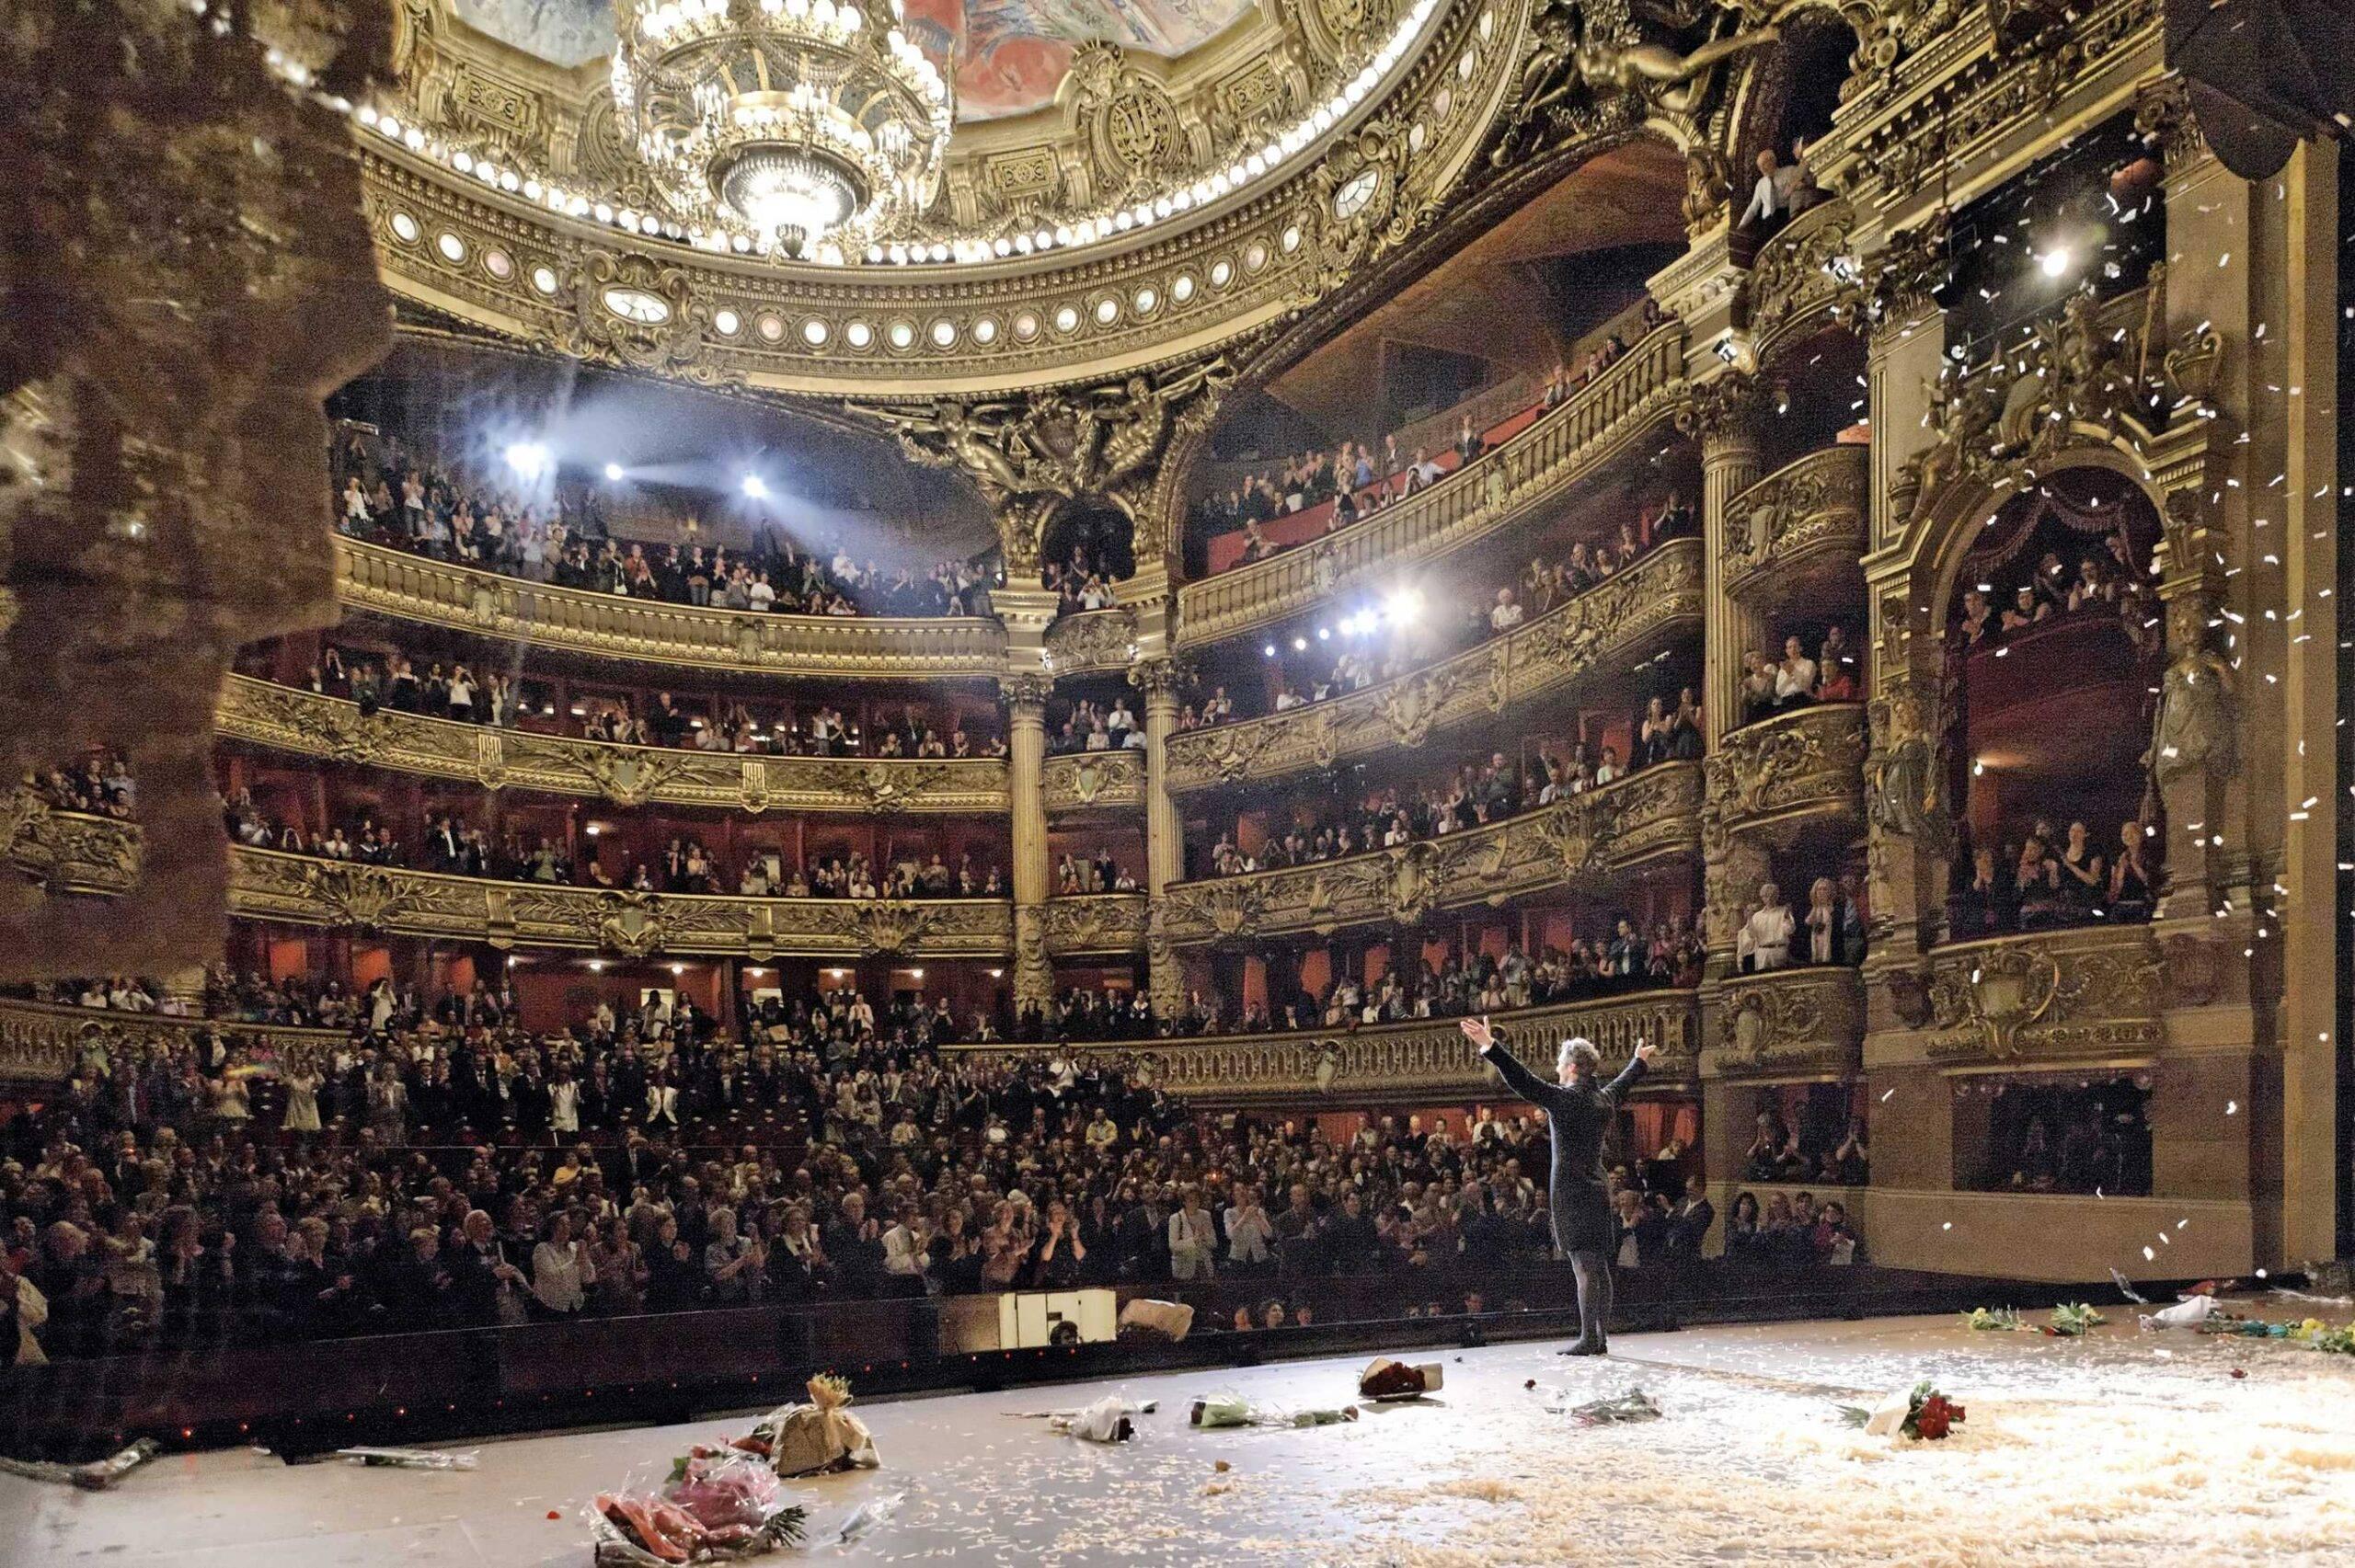 Aplaudacii de la Operă, oamenii care te pot face iubit, dar îți pot și distruge cariera